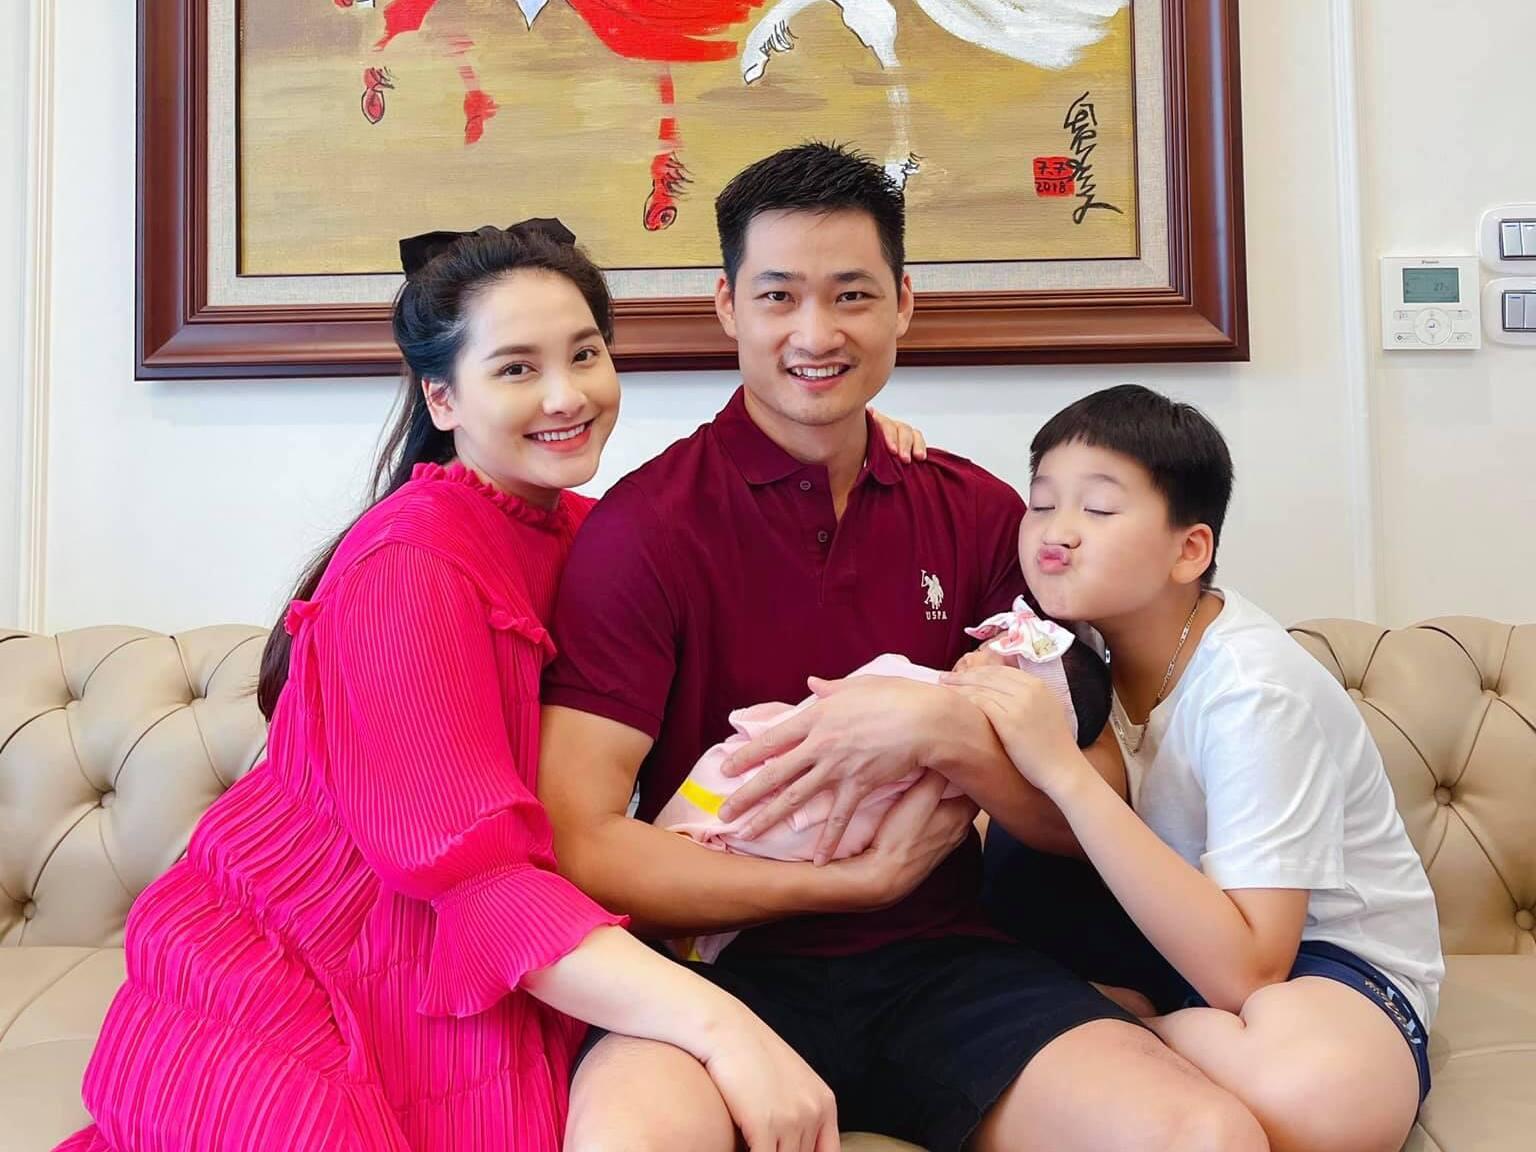 Sau sinh 1 tuần, Bảo Thanh khoe nhan sắc rực rỡ như hoa, đúng là hạnh phúc thì xinh đẹp gấp vạn lần